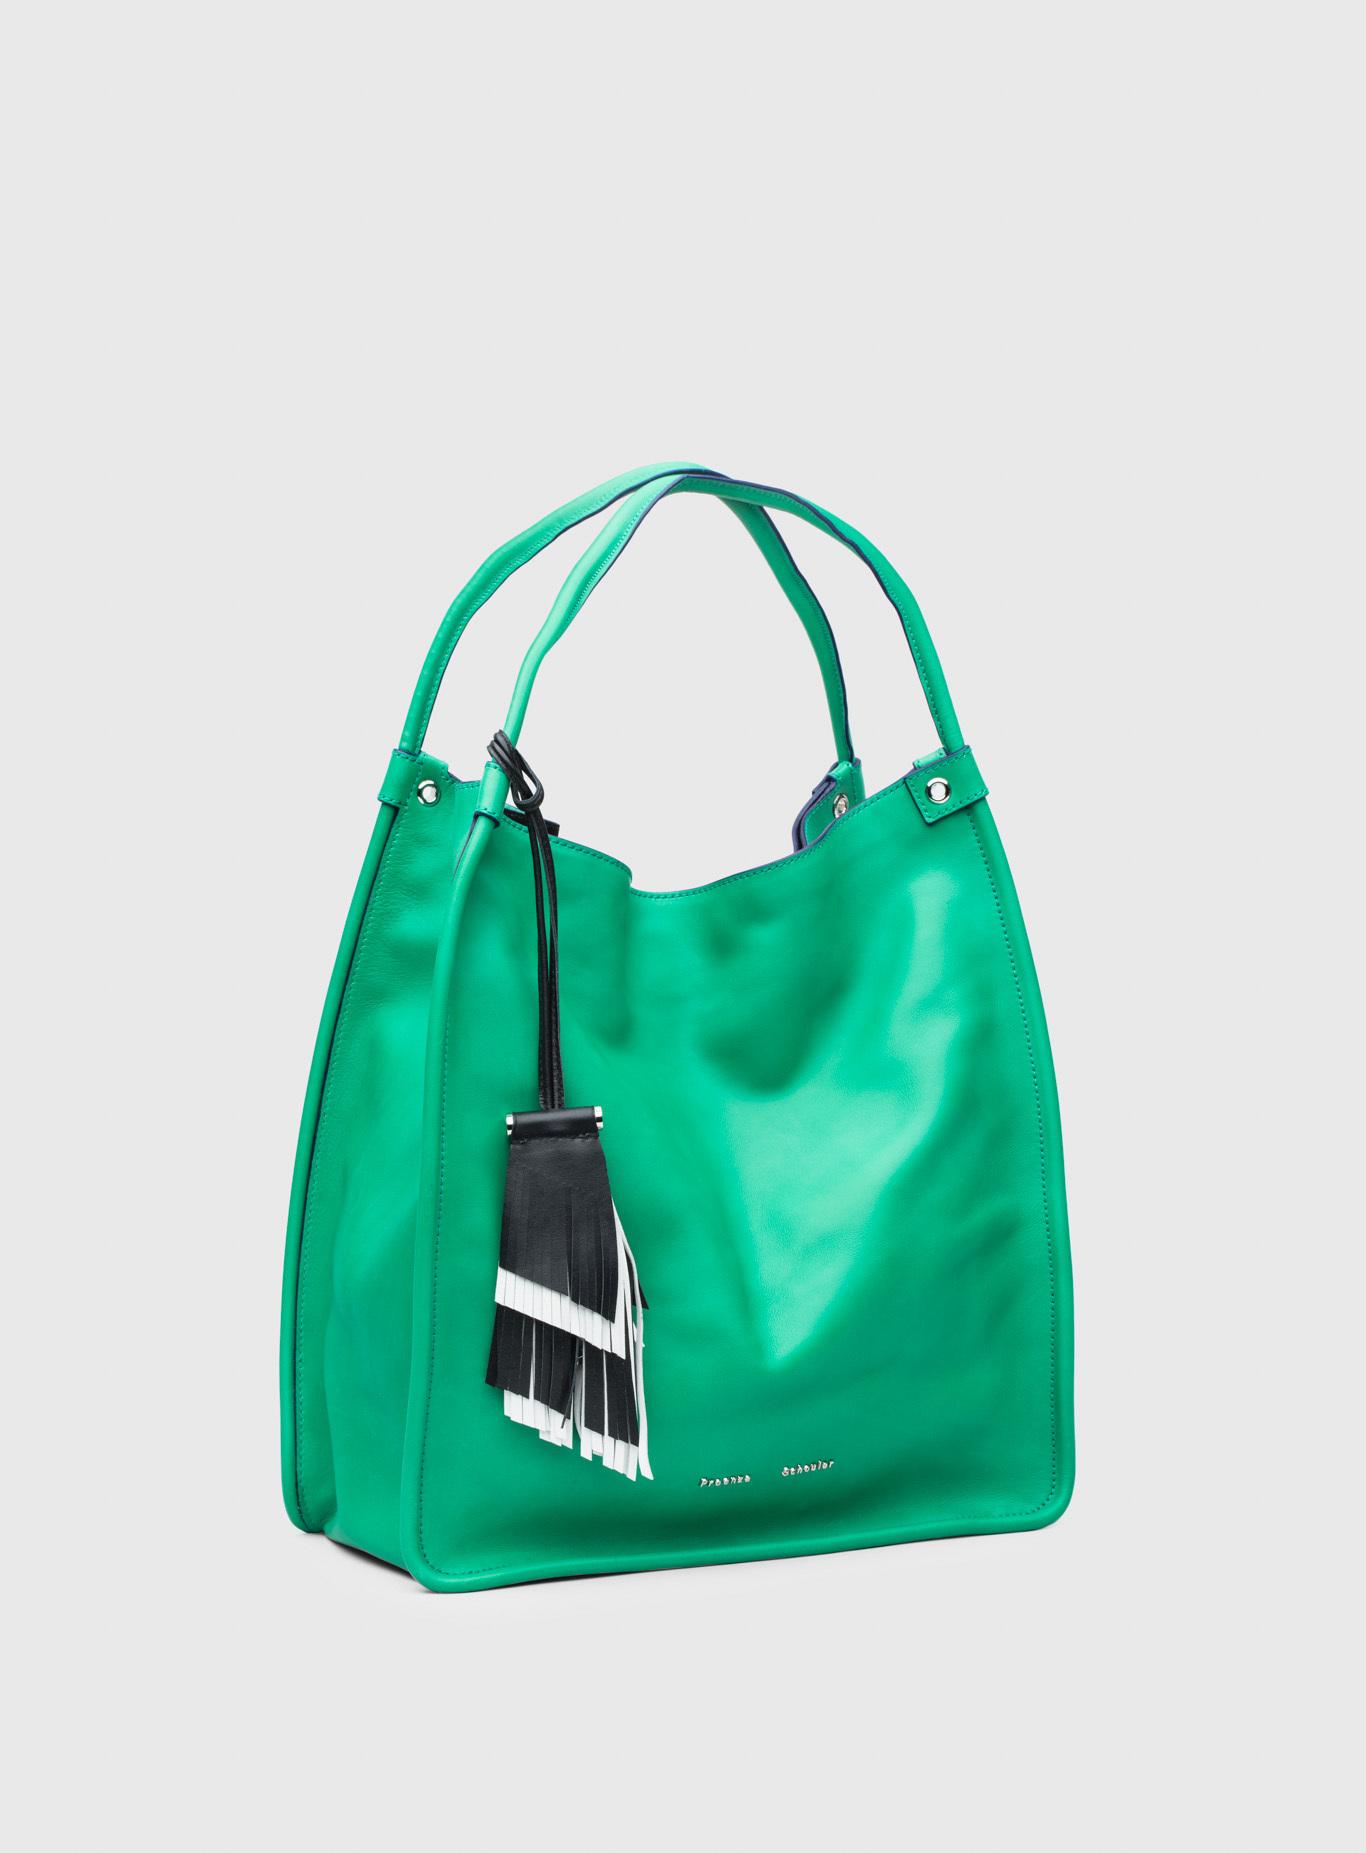 Proenza Schouler Leather Medium Tote in Green